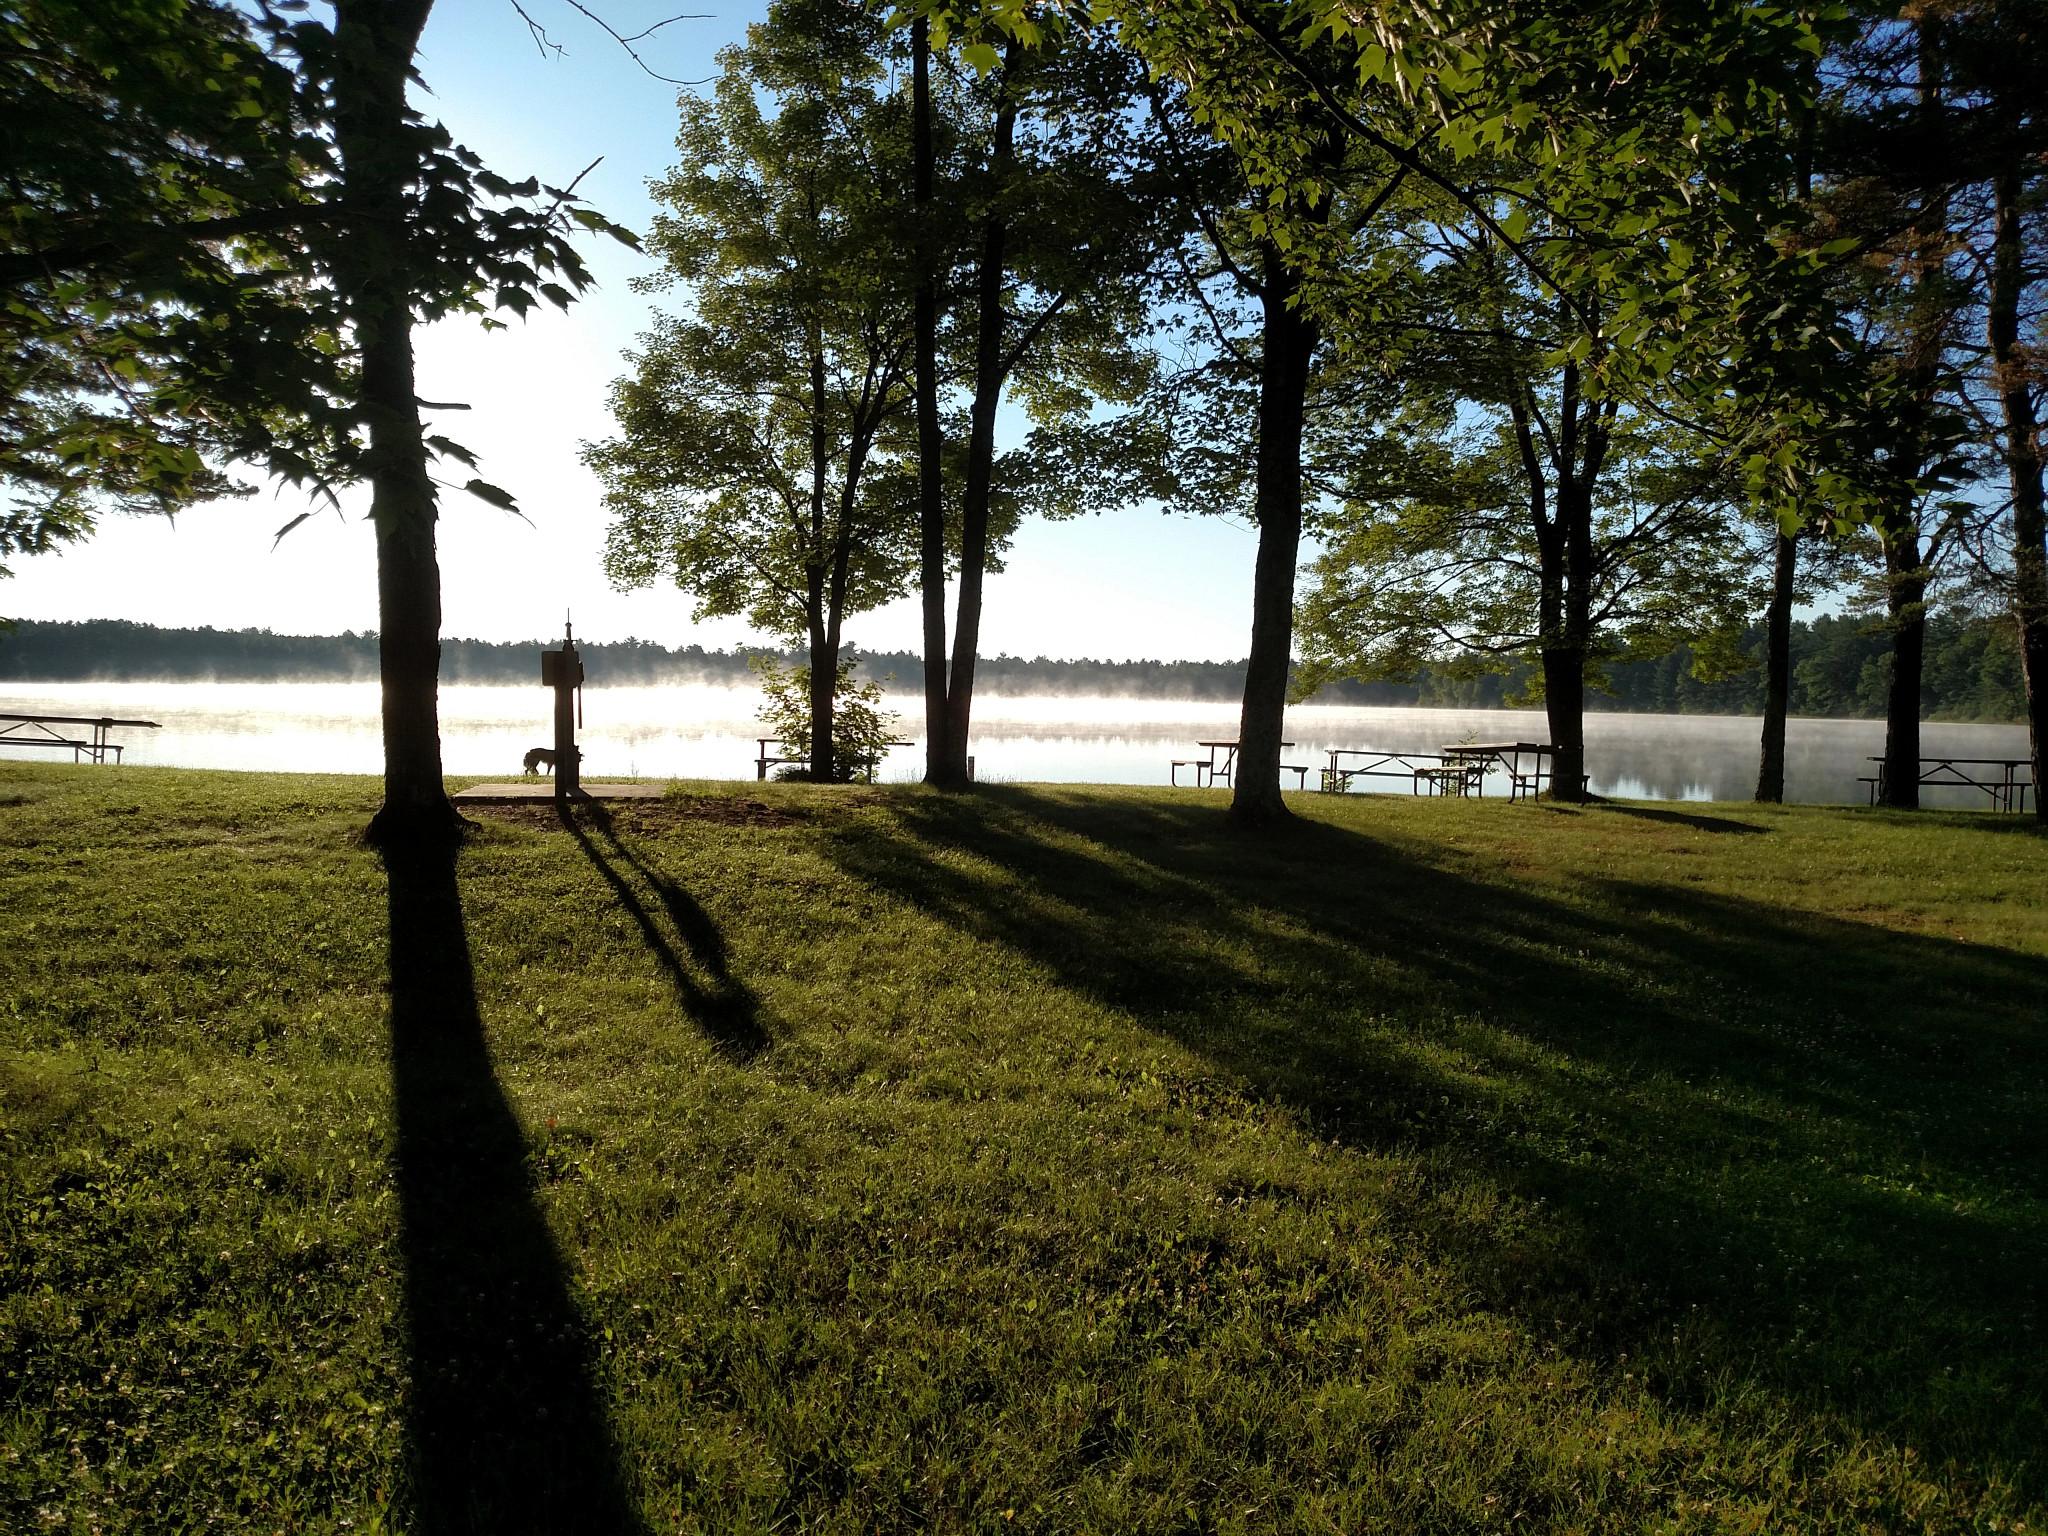 a foggy sunrise across a grassy park and shoreline